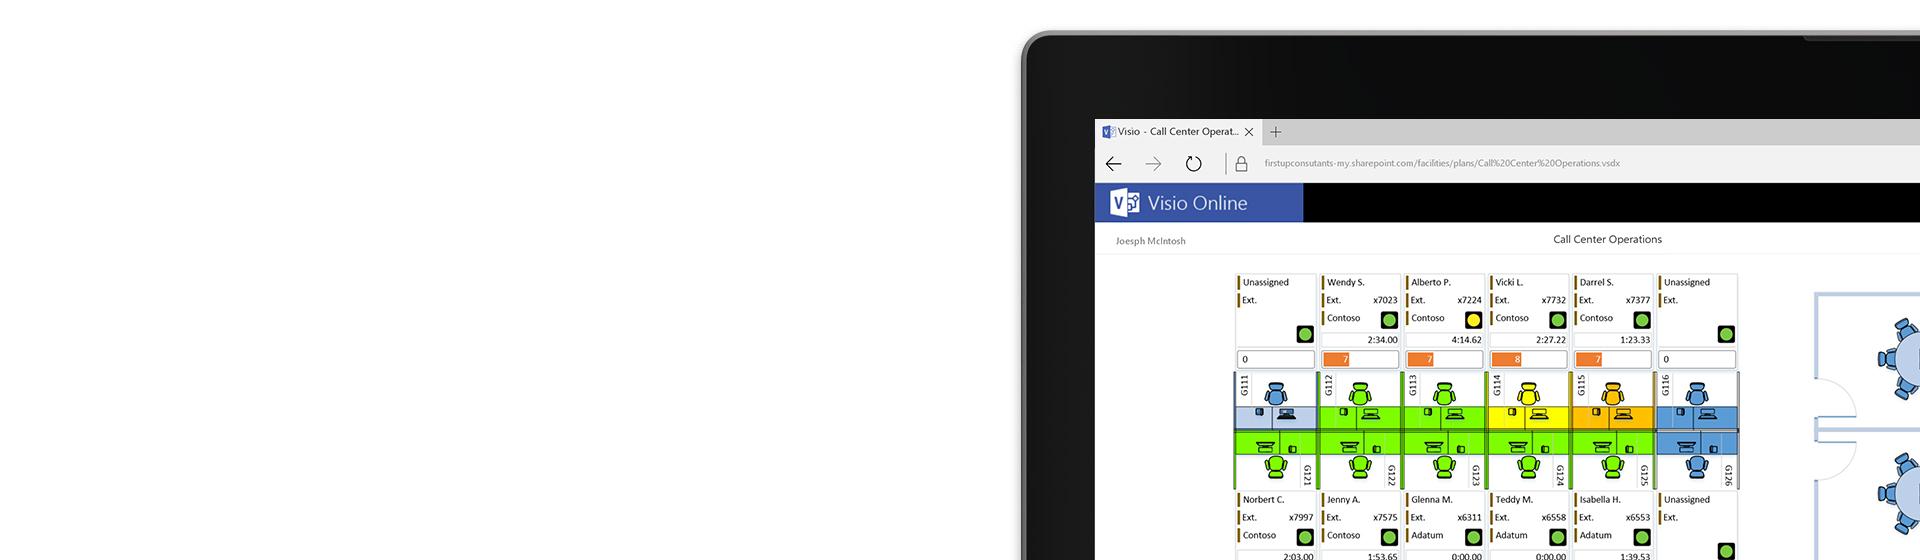 Visio में कॉल सेंटर फ़्लोरप्लान आरेख प्रदर्शित करती हुई टैबलेट स्क्रीन के कोने की छवि